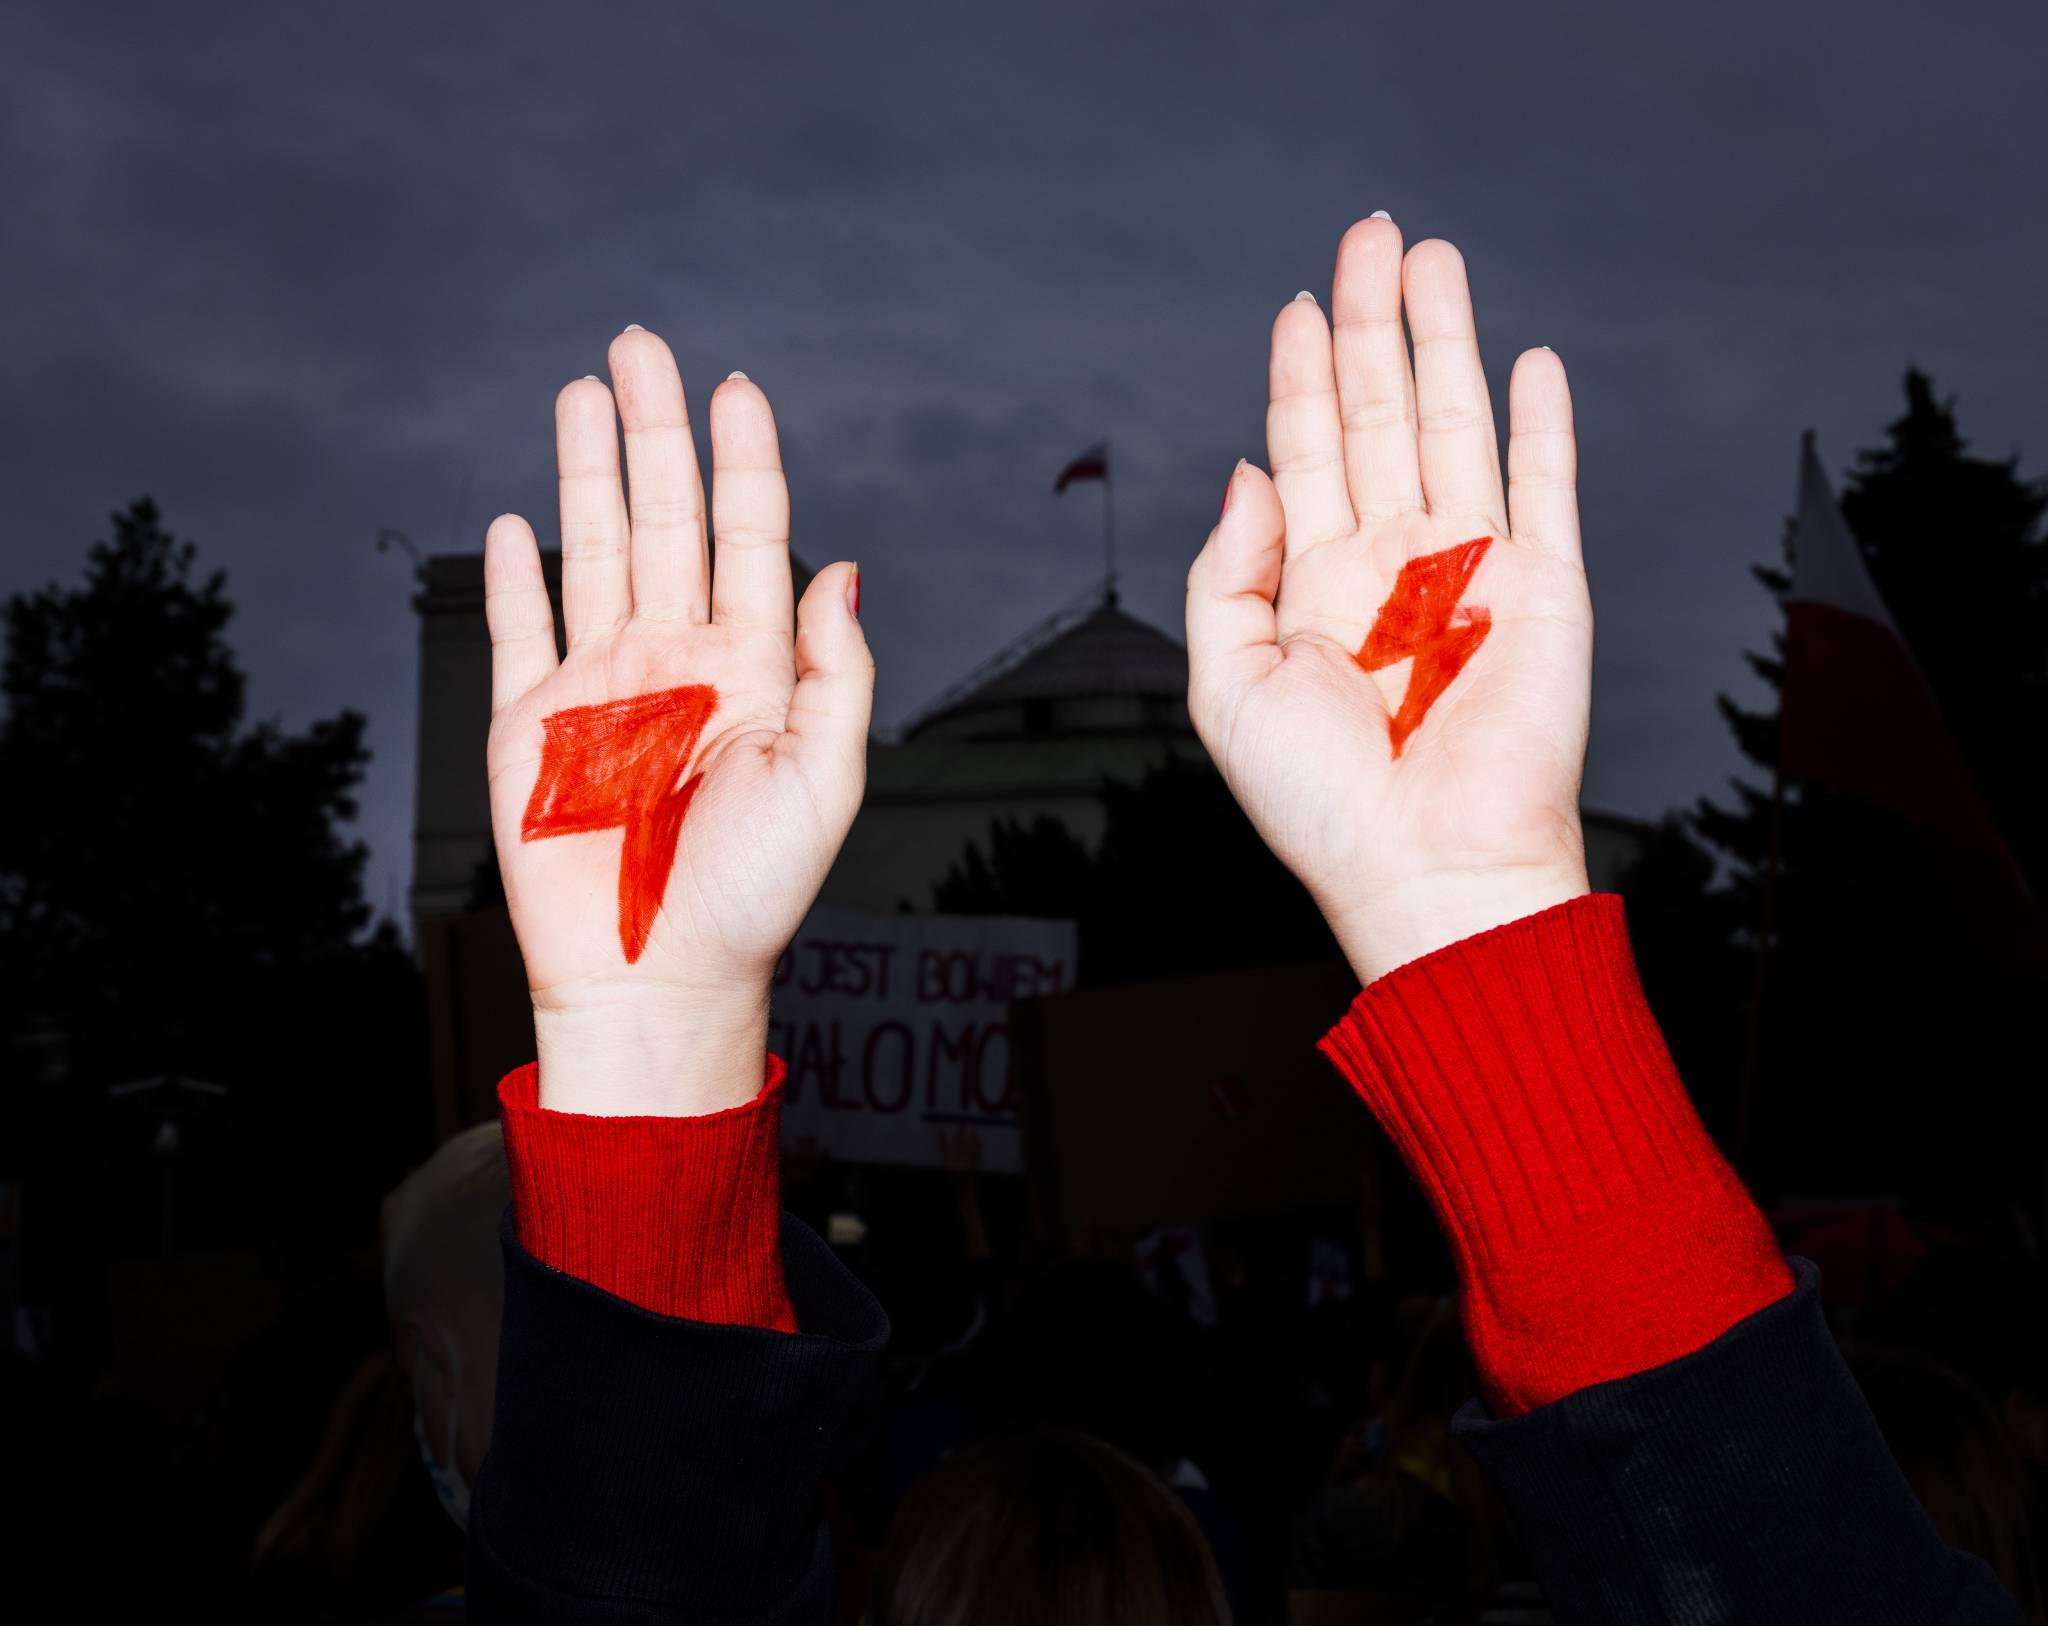 Decyzja Trybunału wywołała w Polakach gniew - cytaty z wypowiedzi autorytetów